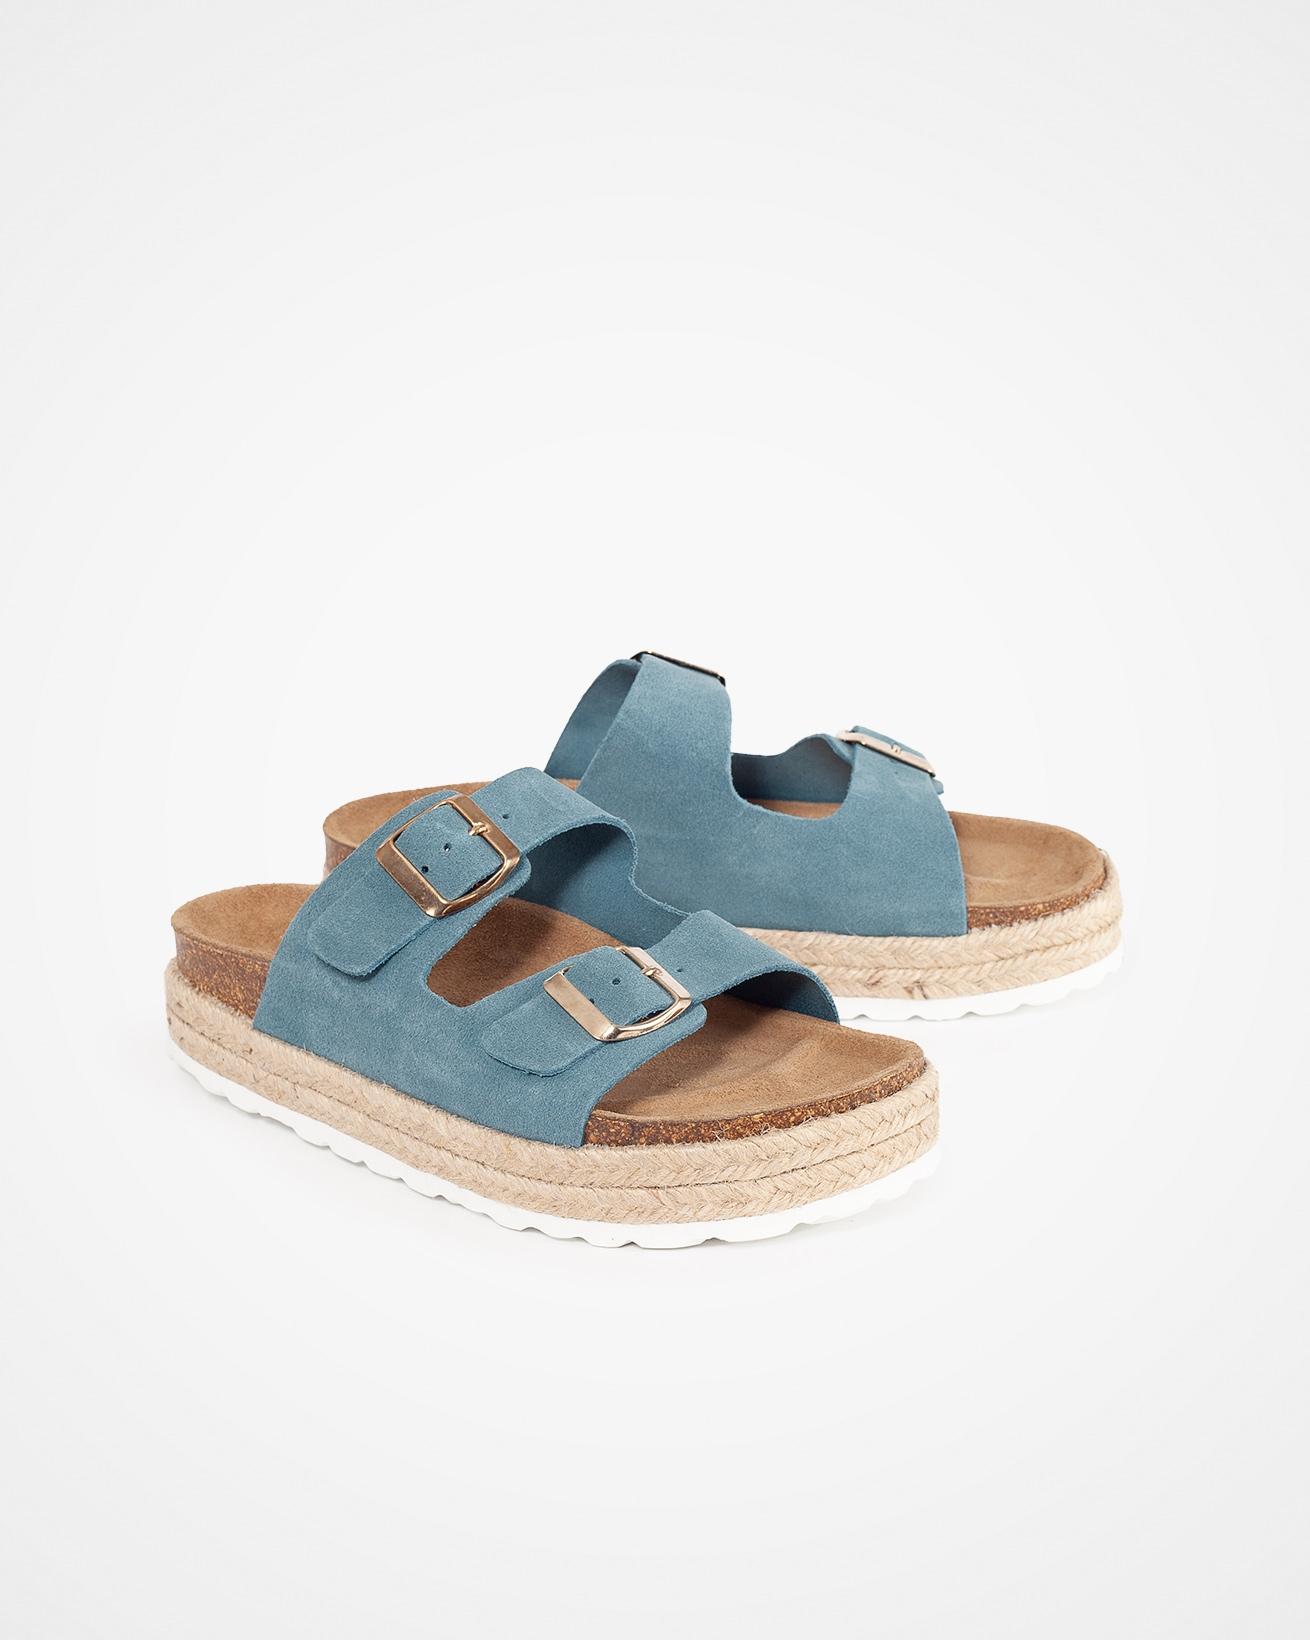 Leather Buckle Sandal - Denim - Size 41 - 2782